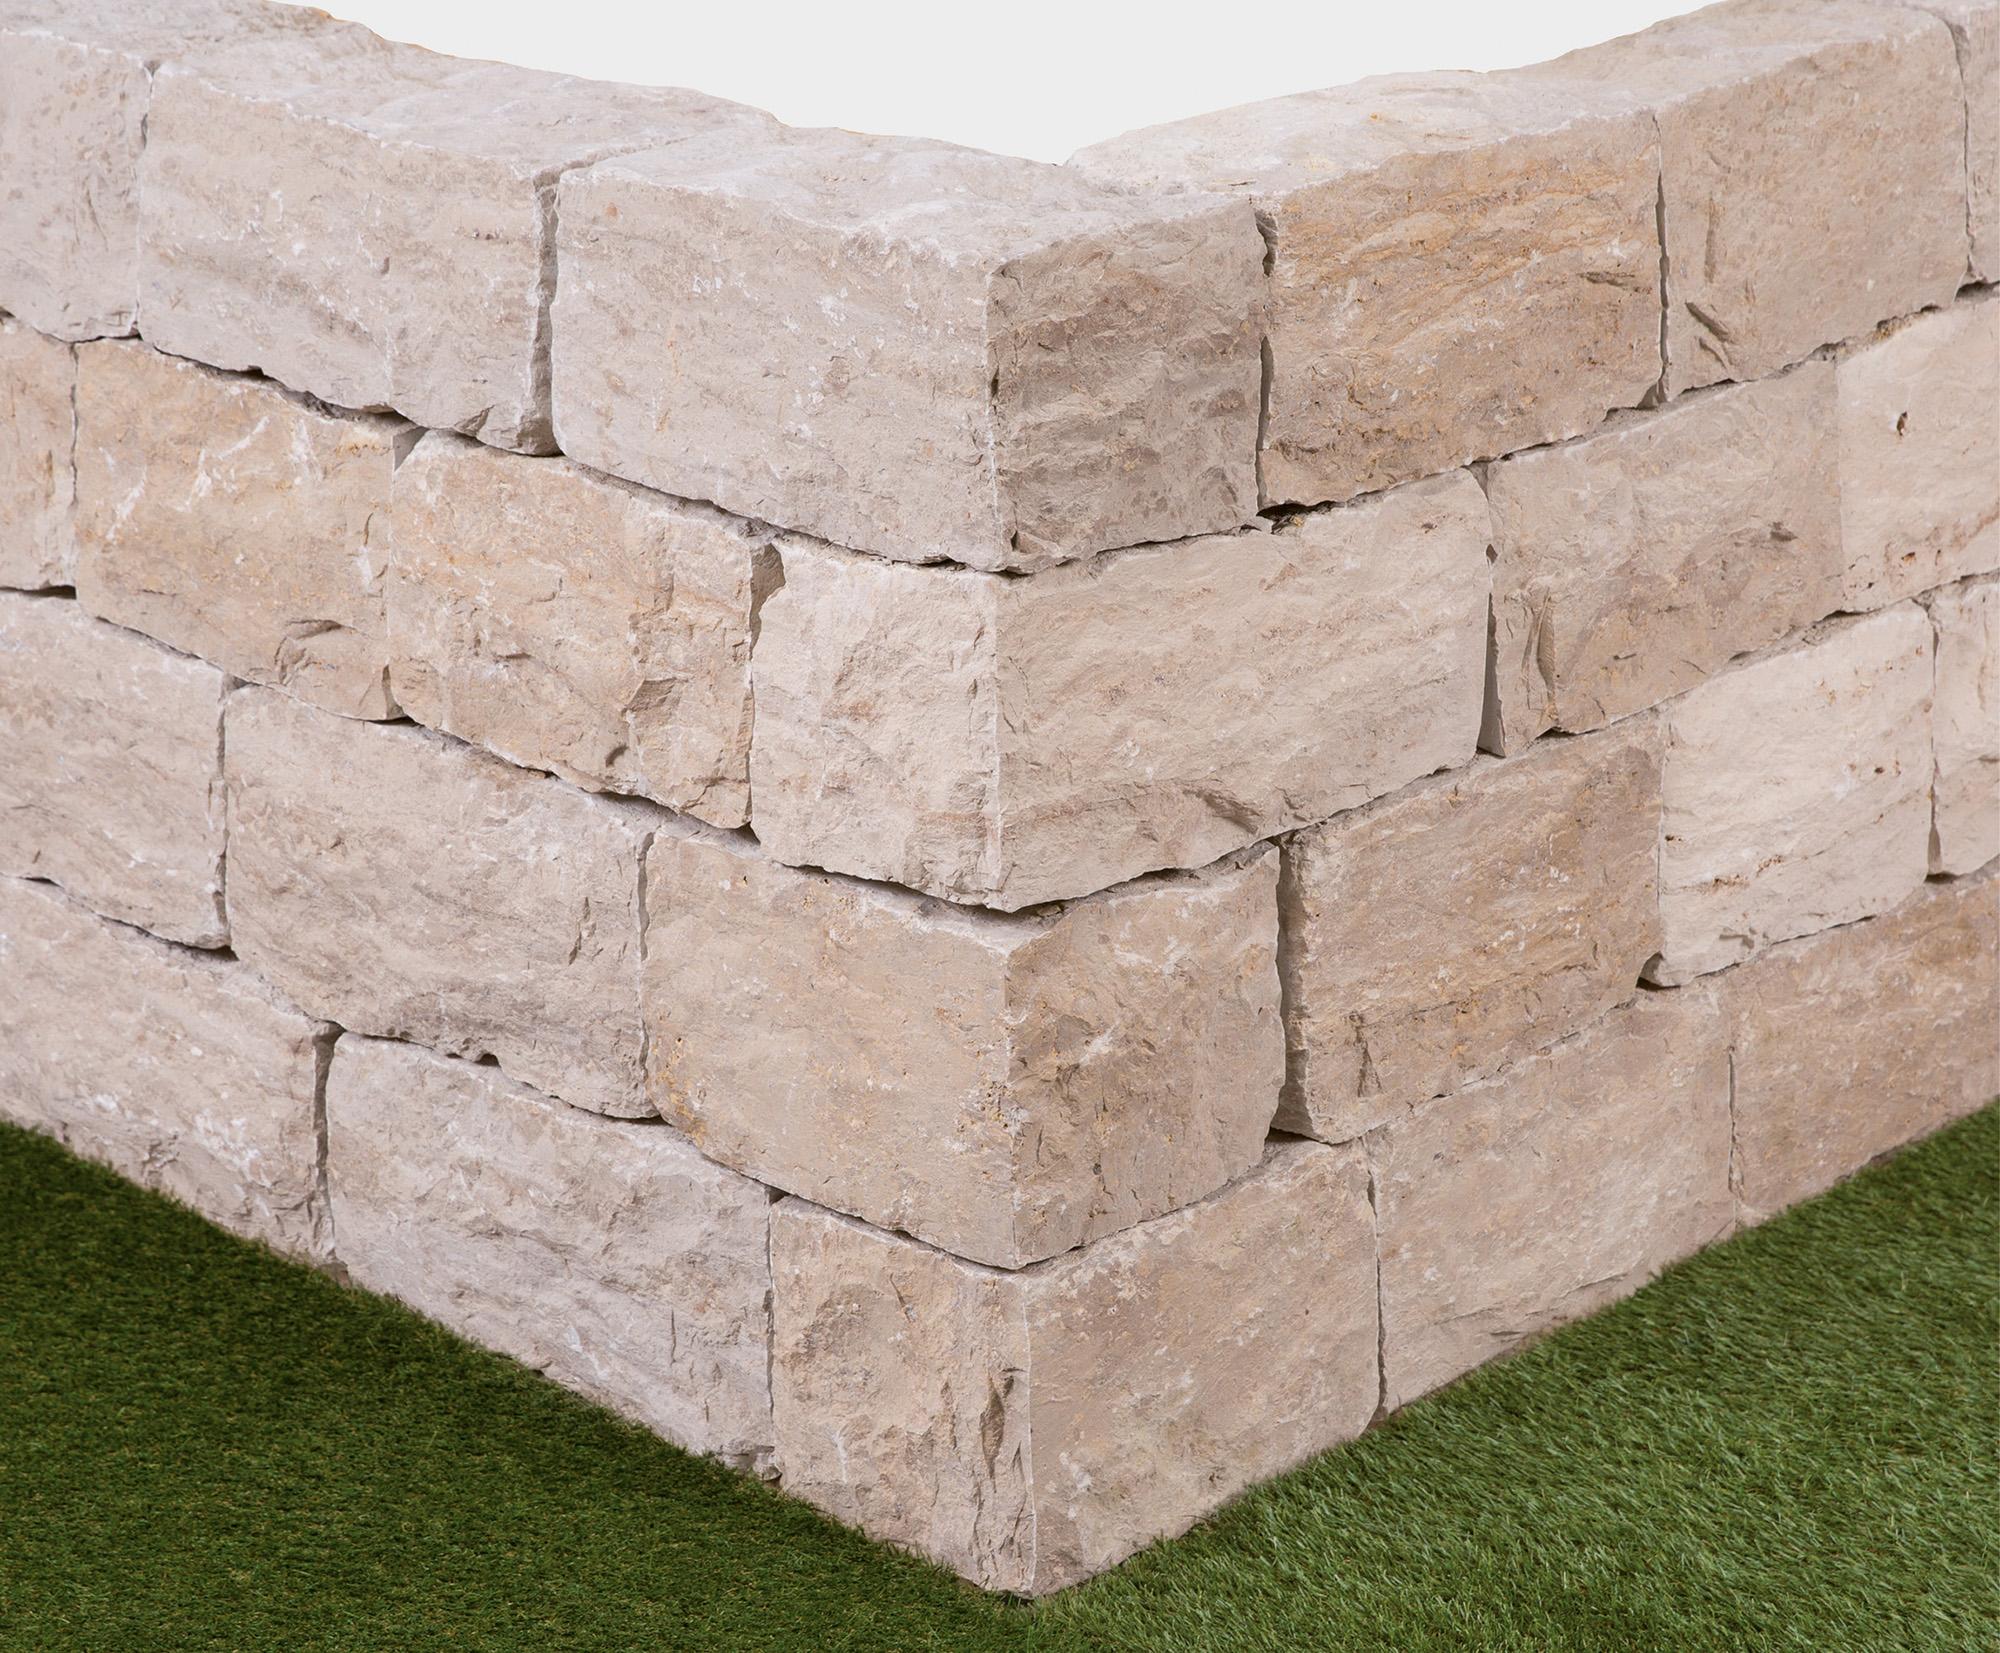 Dietfurter Kalkstein trockenmauerstein kalkstein dietfurter gala m1 m2 br spaltrau